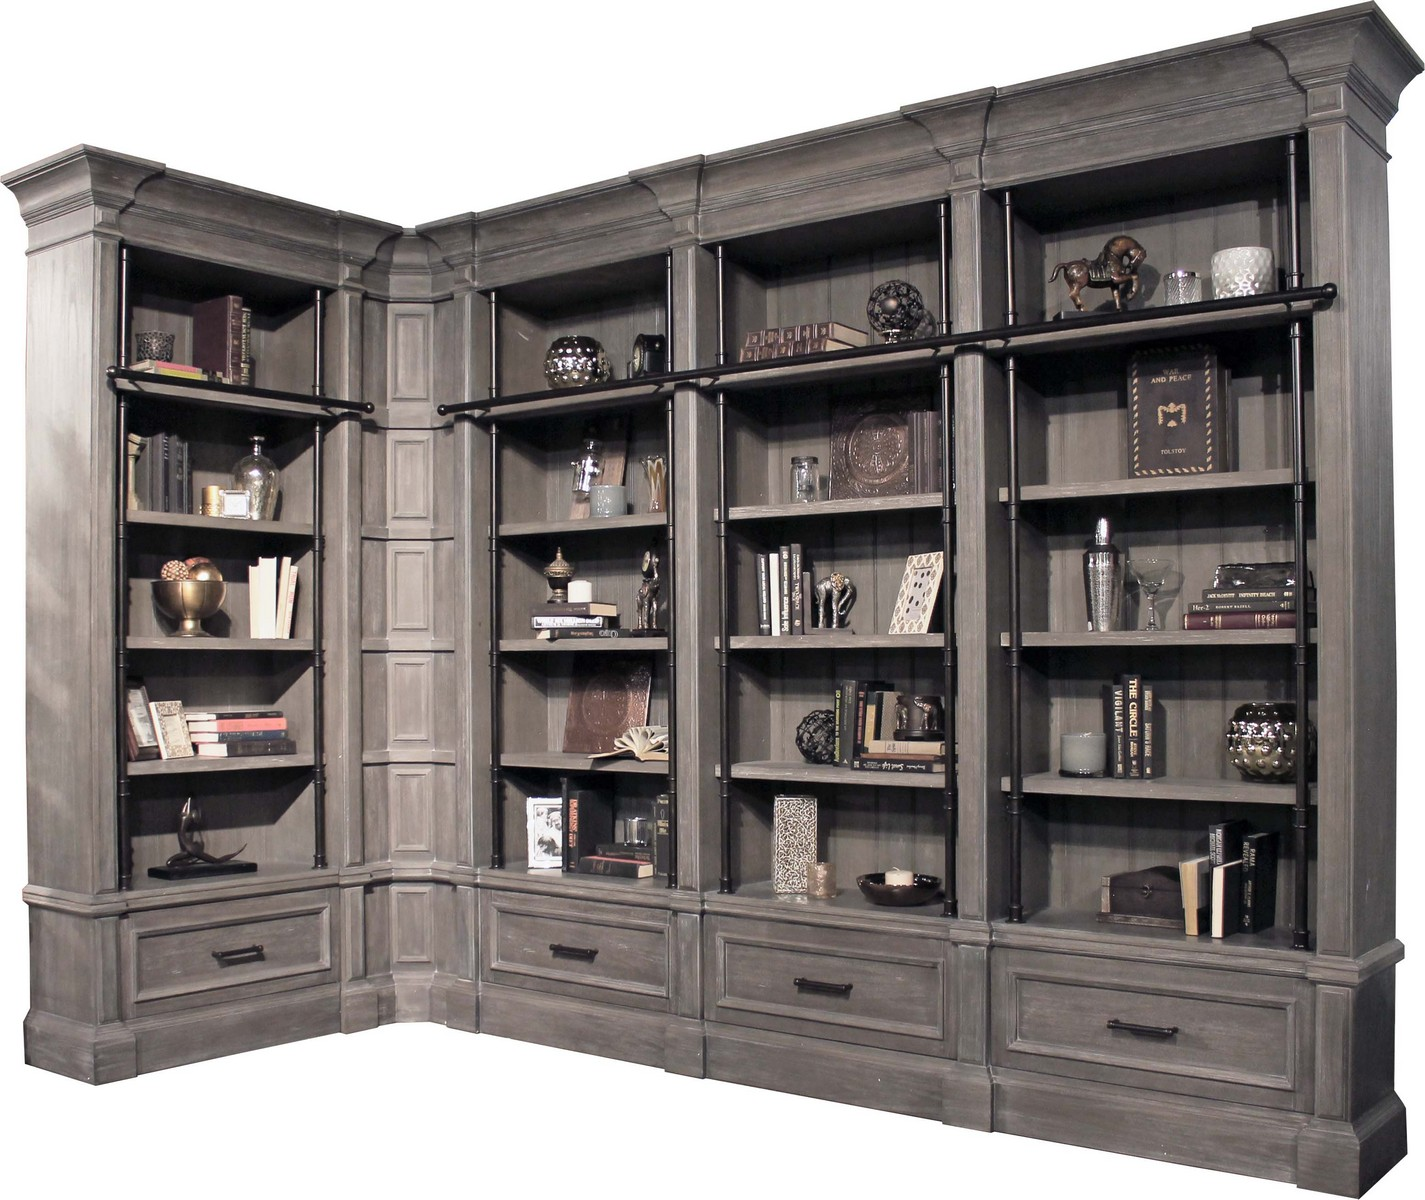 Parker House Gramercy Park Museum Bookcase Set